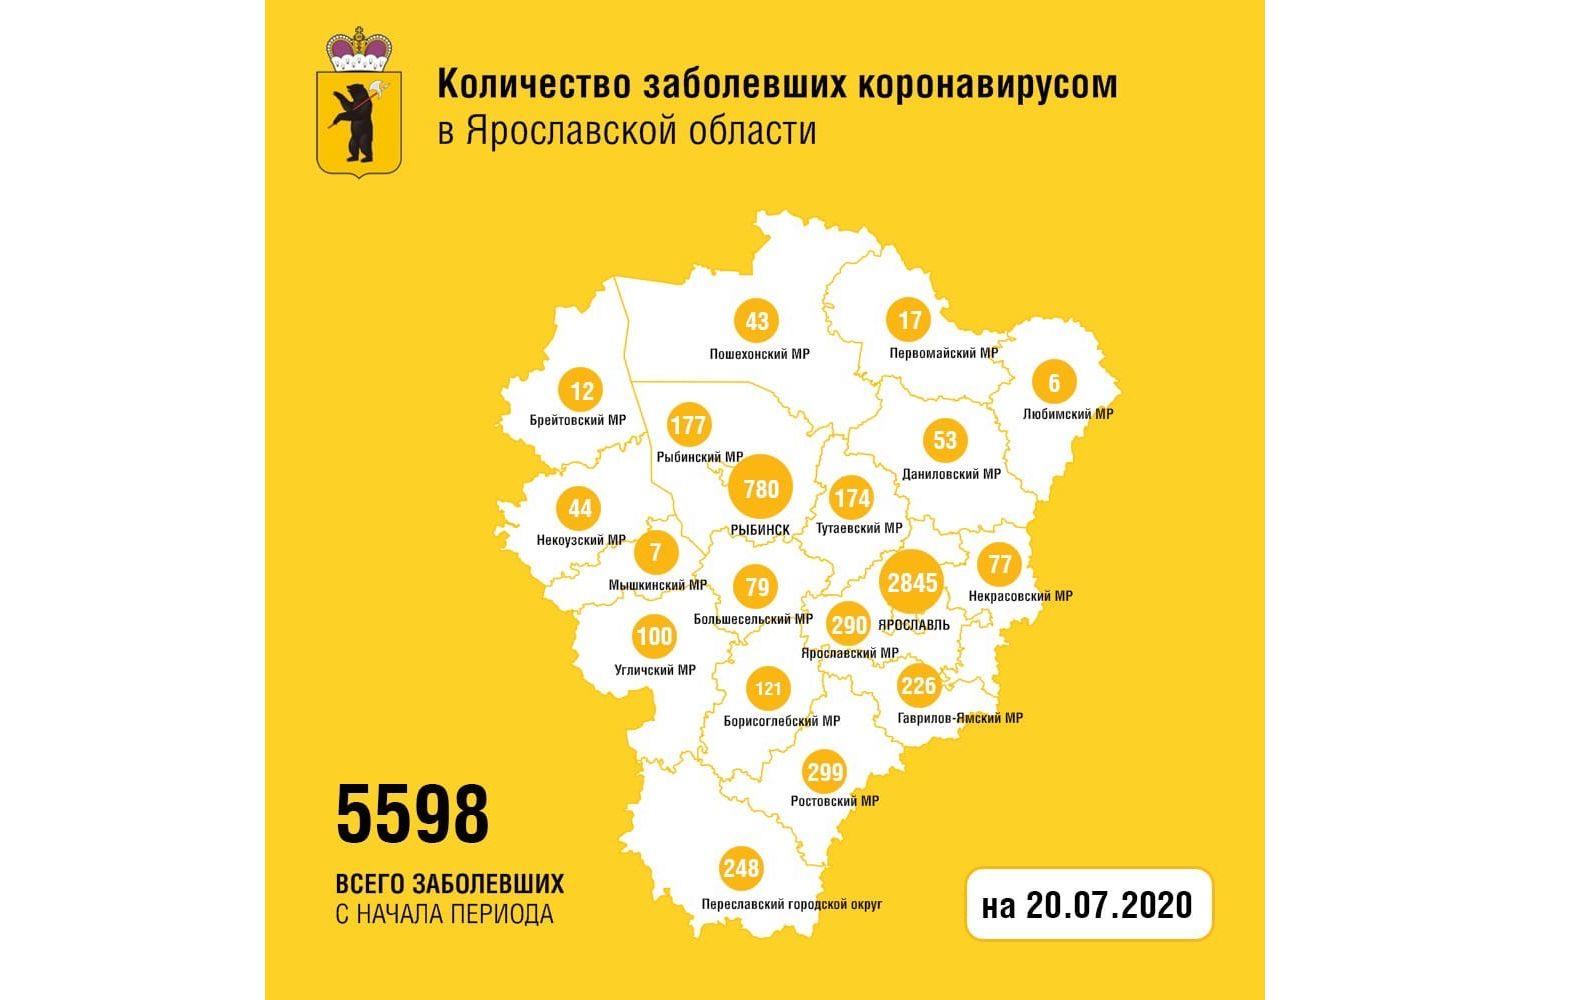 В Ярославской области за сутки меньше 40 человек заболели коронавирусом